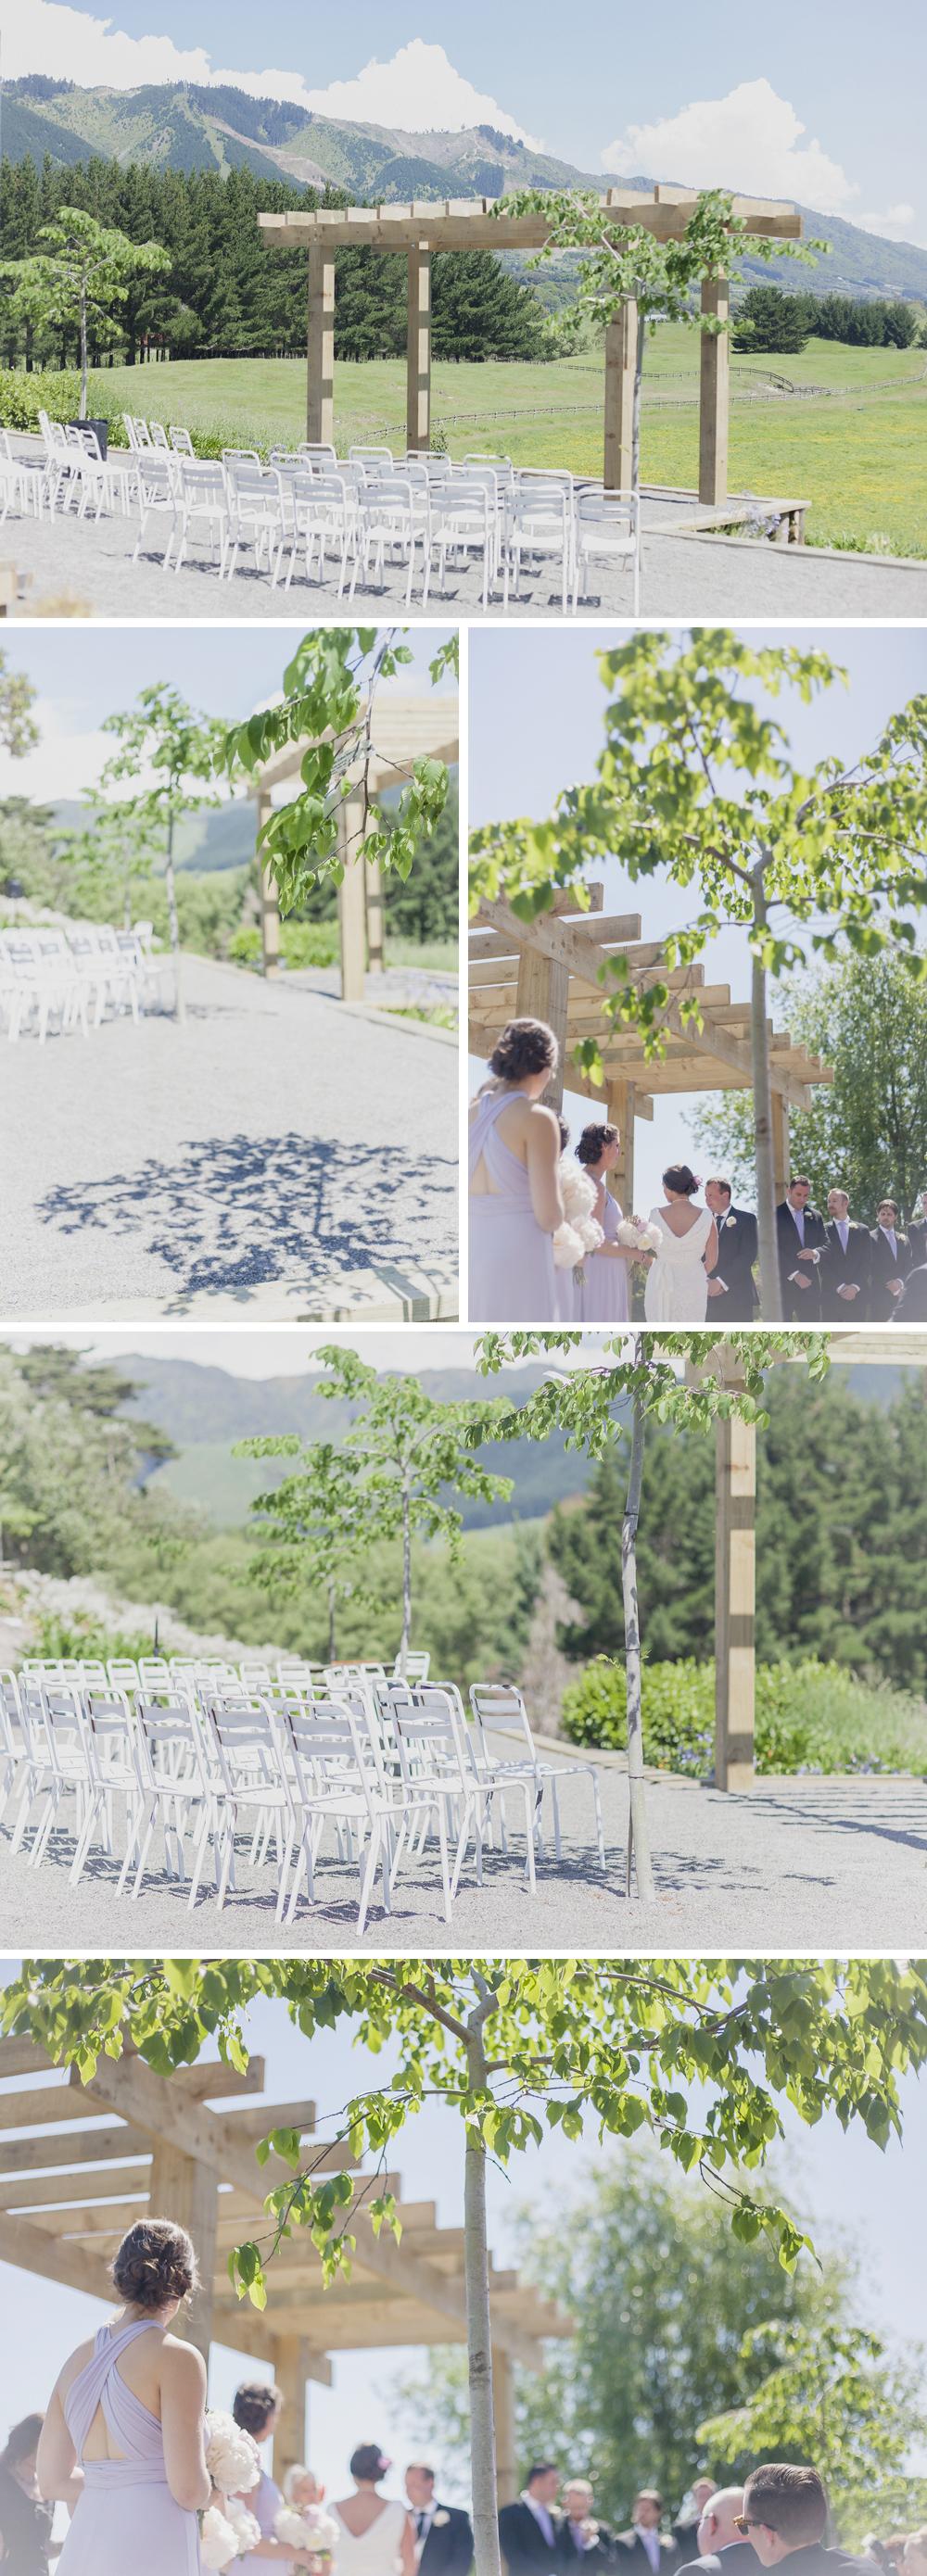 Sudbury wedding photography, by wellington wedding photographer, Jenny Siaosi.